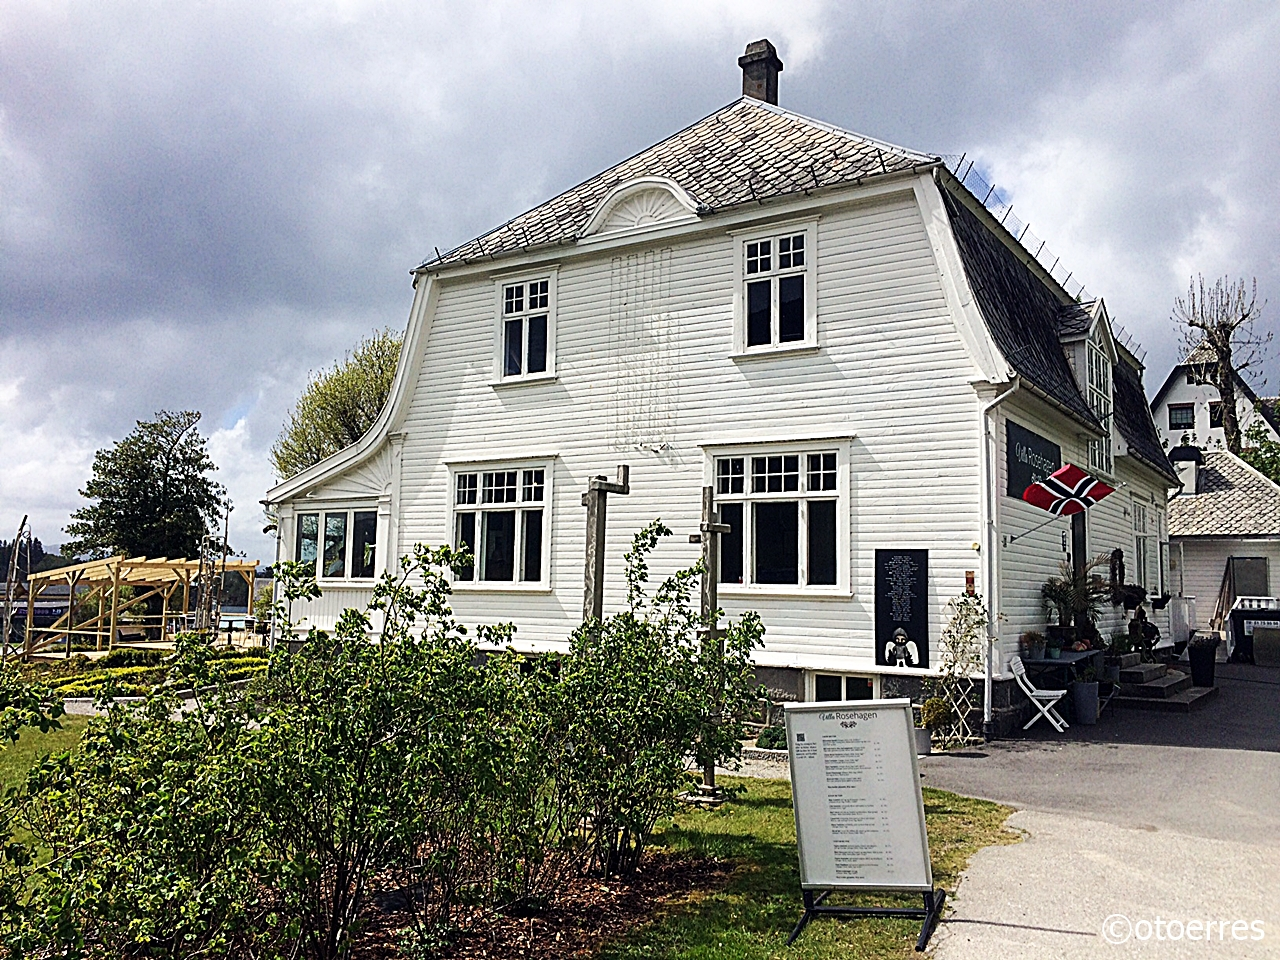 Villa Rosehagen - Restaurant og selskapslokaler - Jørpeland - Ryfylke - Norge